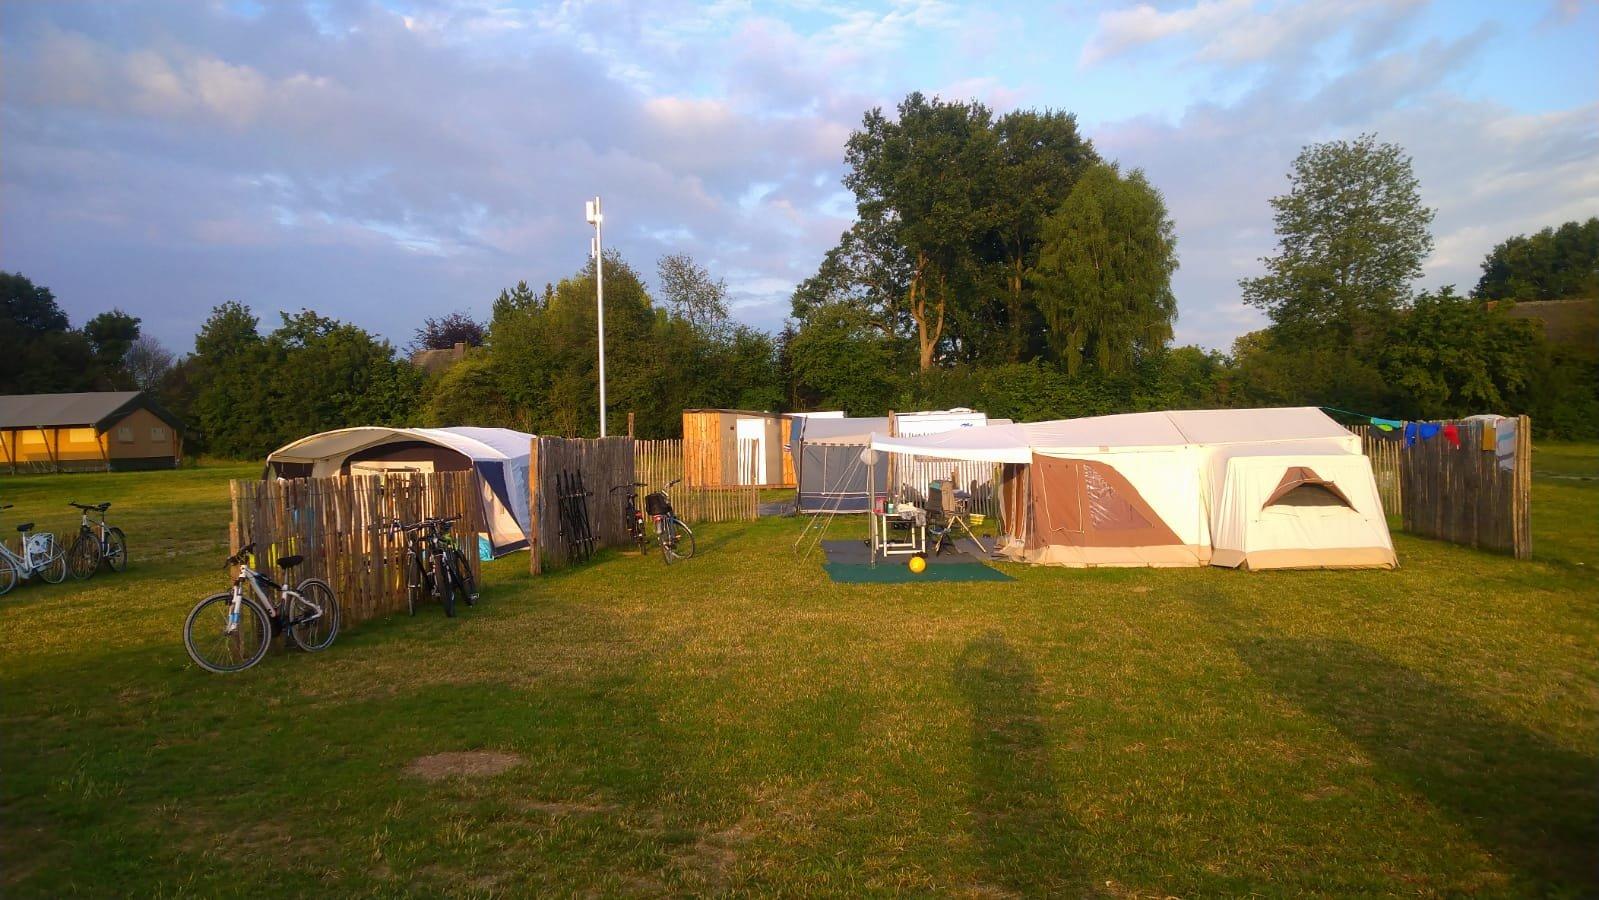 kampeerplaats01.jpg